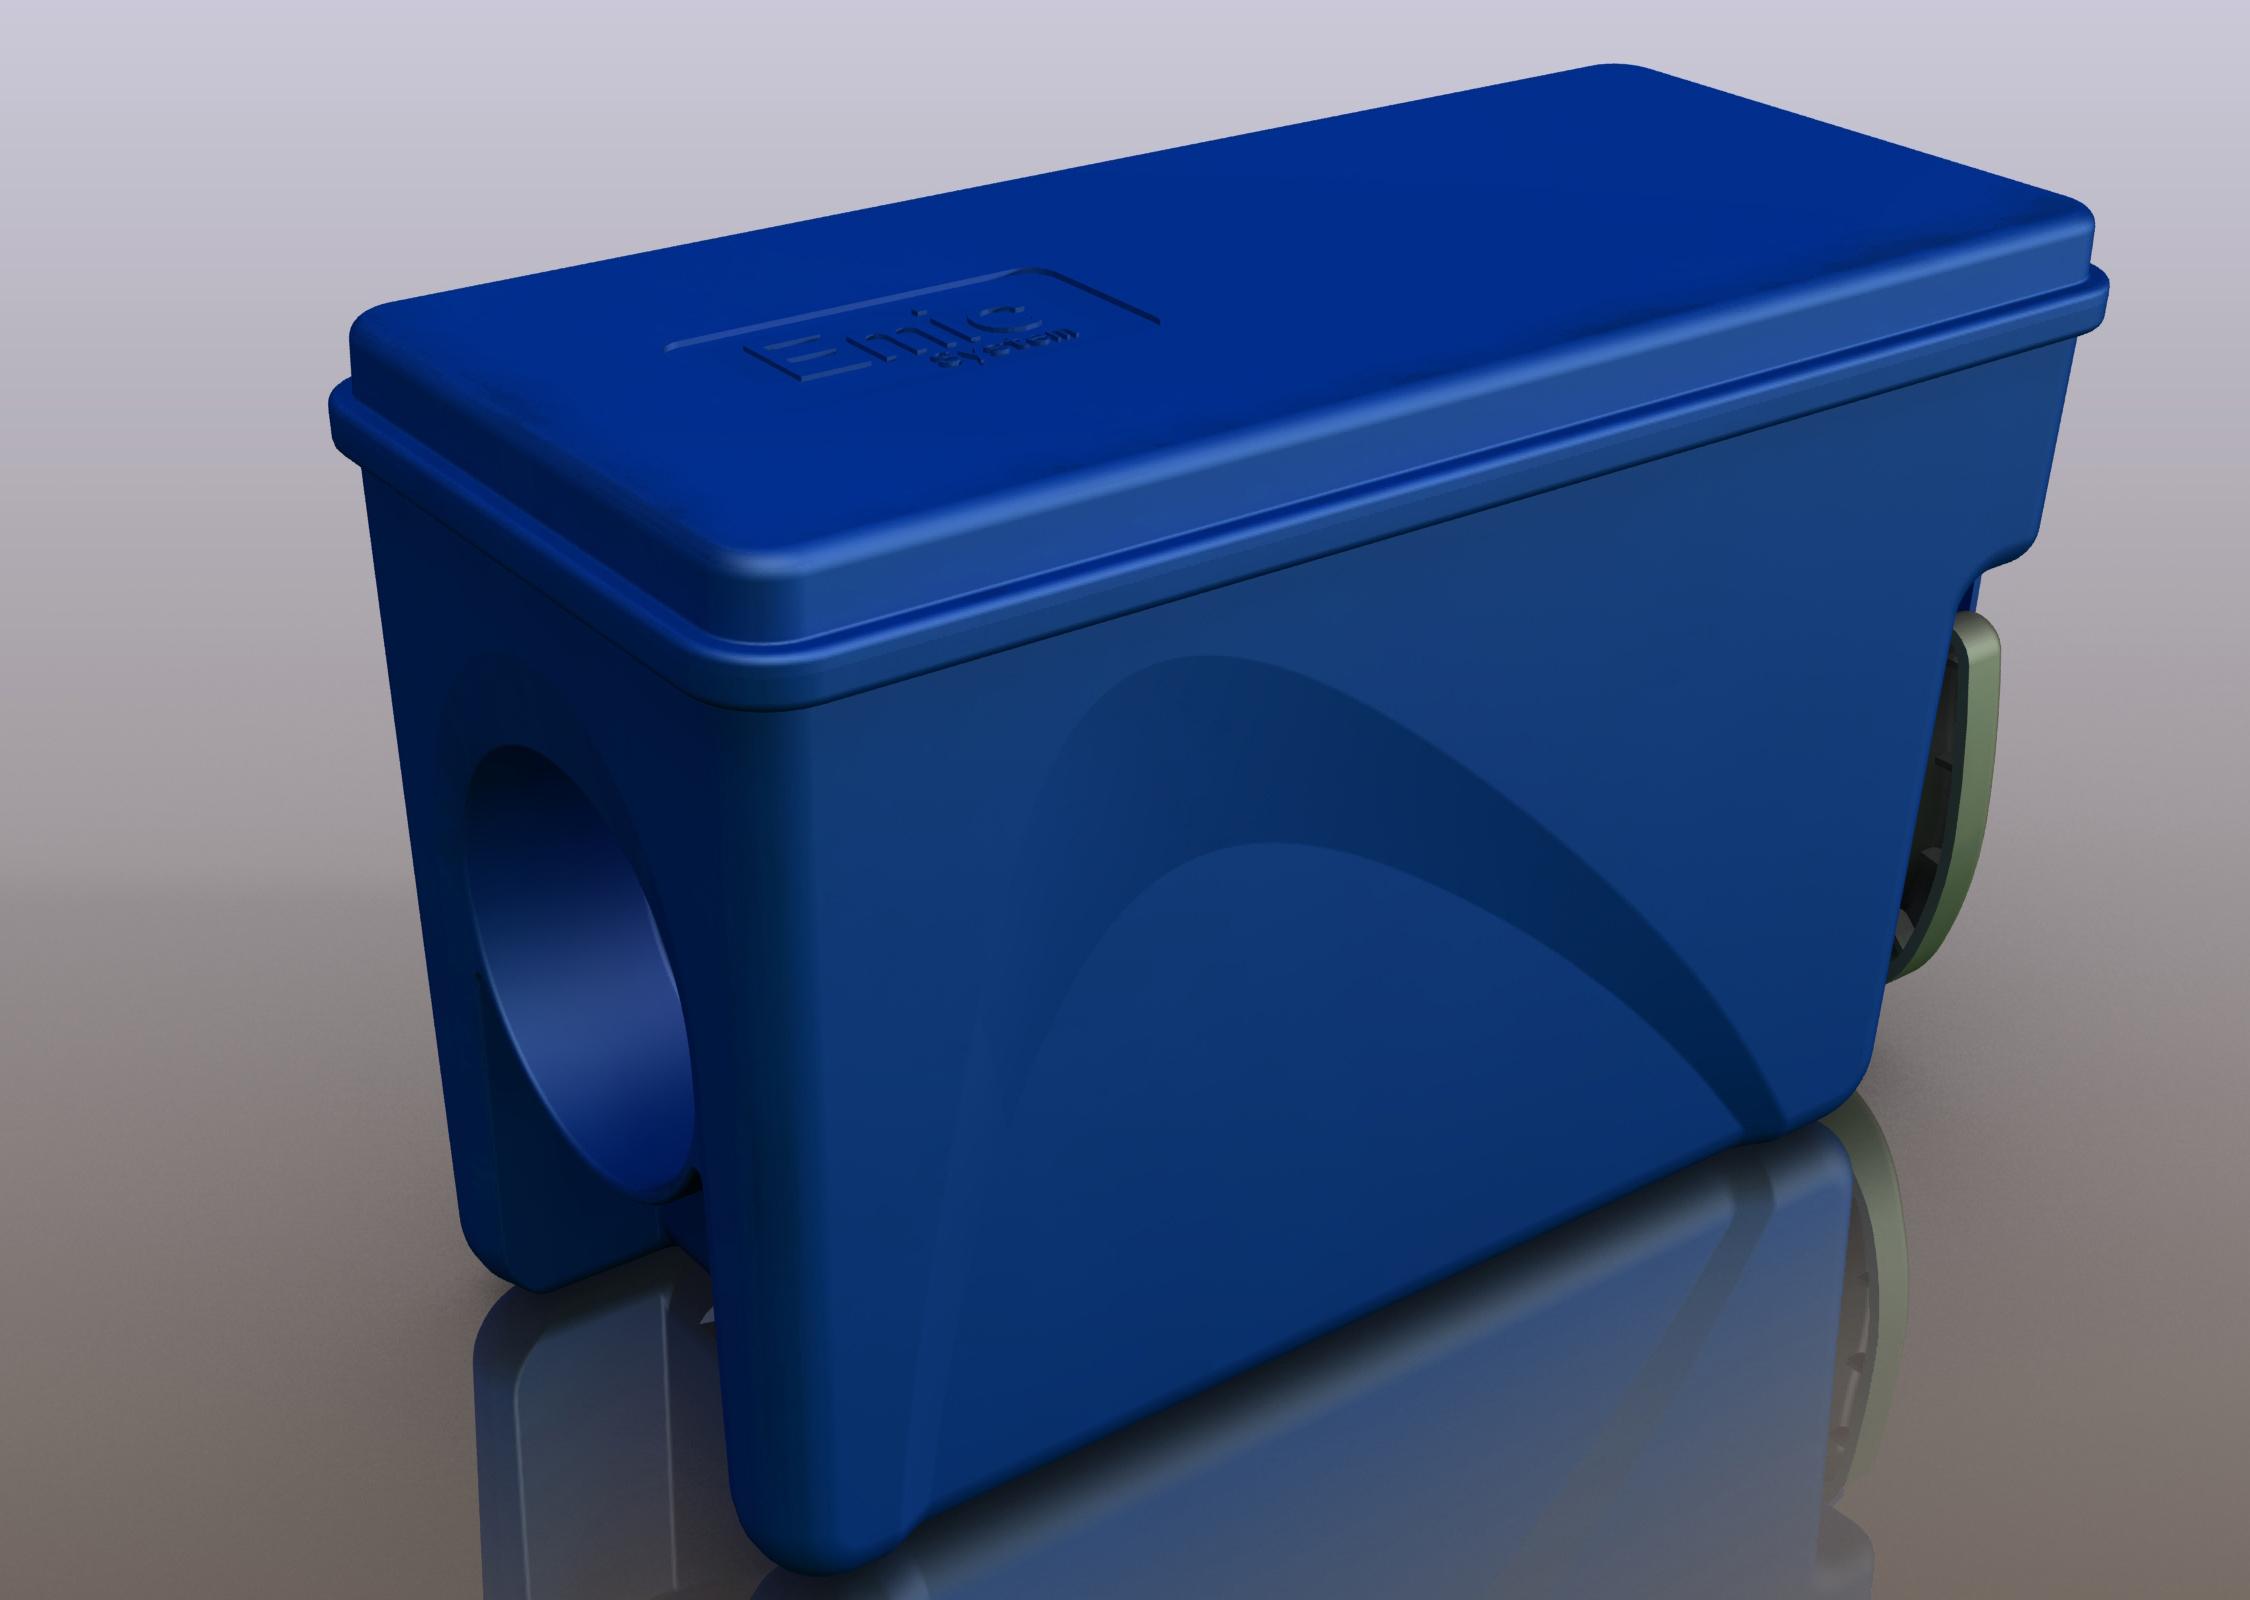 Saft presentará las baterías para el vehículo eléctrico que se cargan en casa en la Jornada Green Cars